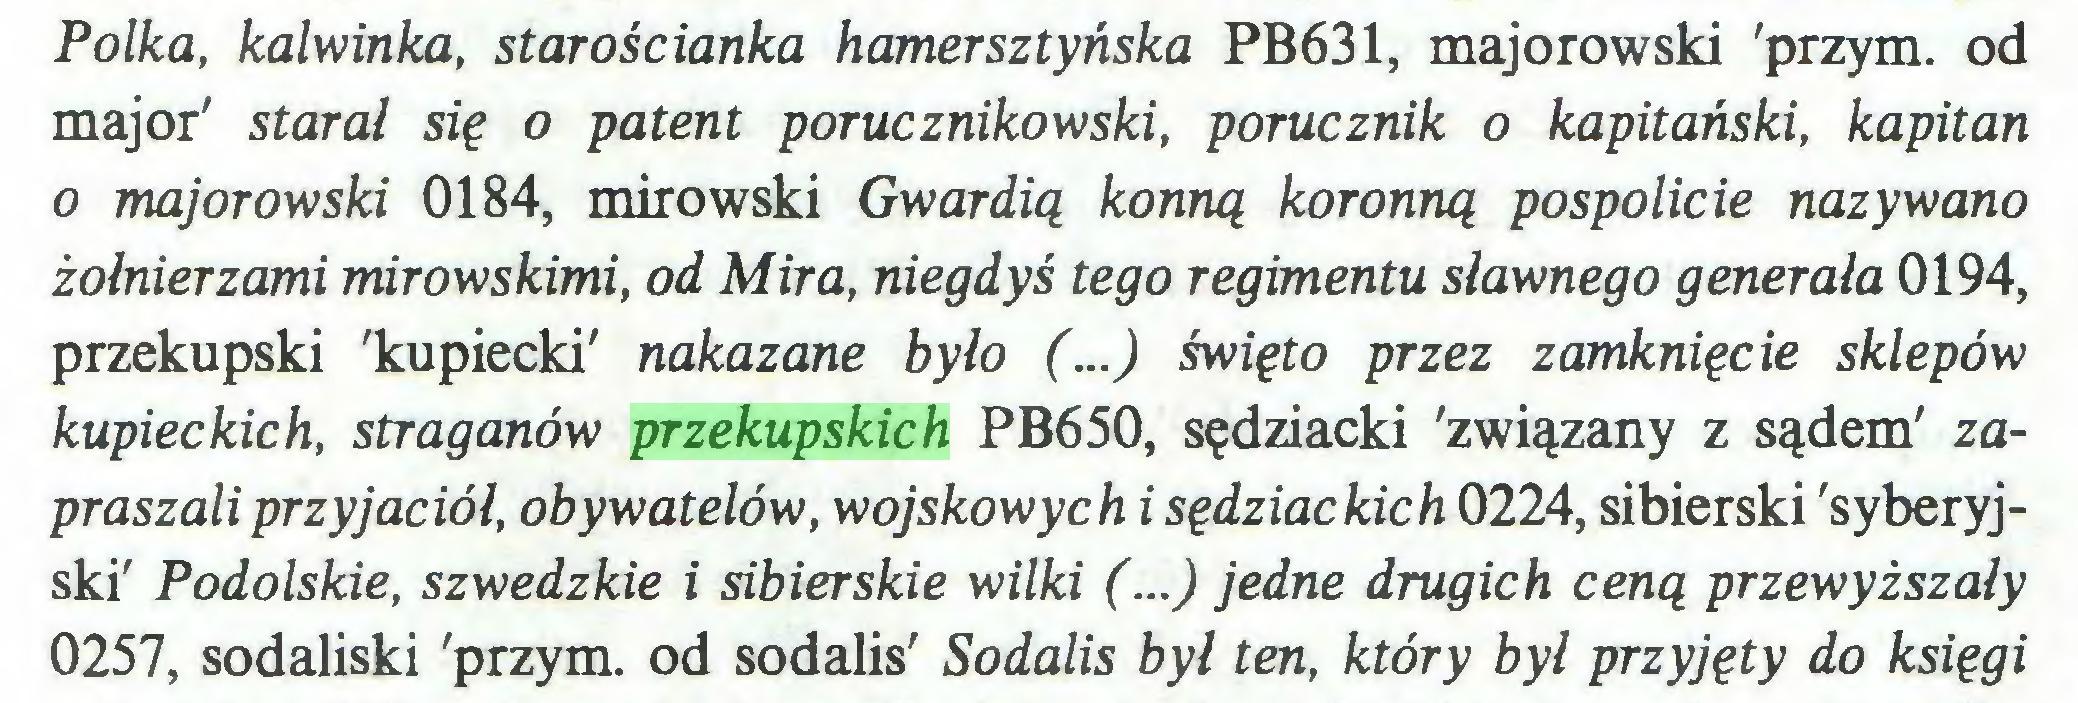 (...) Polka, kalwinka, starościanka hamersztyńska PB631, majorowski 'przym. od major' starał się o patent porucznikowski, porucznik o kapitański, kapitan o majorowski 0184, mirowski Gwardią konną koronną pospolicie nazywano żołnierzami mirowskimi, od Mira, niegdyś tego regimentu sławnego generała 0194, przekupski 'kupiecki' nakazane było (...) święto przez zamknięcie sklepów kupieckich, straganów przekupskich PB650, sędziacki 'związany z sądem' zapraszali przyjaciół, obywatelów, wojskowych i sędziackich 0224, sibierski 'syberyjski' Podolskie, szwedzkie i sibierskie wilki (...) jedne drugich ceną przewyższały 0257, sodaliski 'przym. od sodalis' Sodalis był ten, który był przyjęty do księgi...